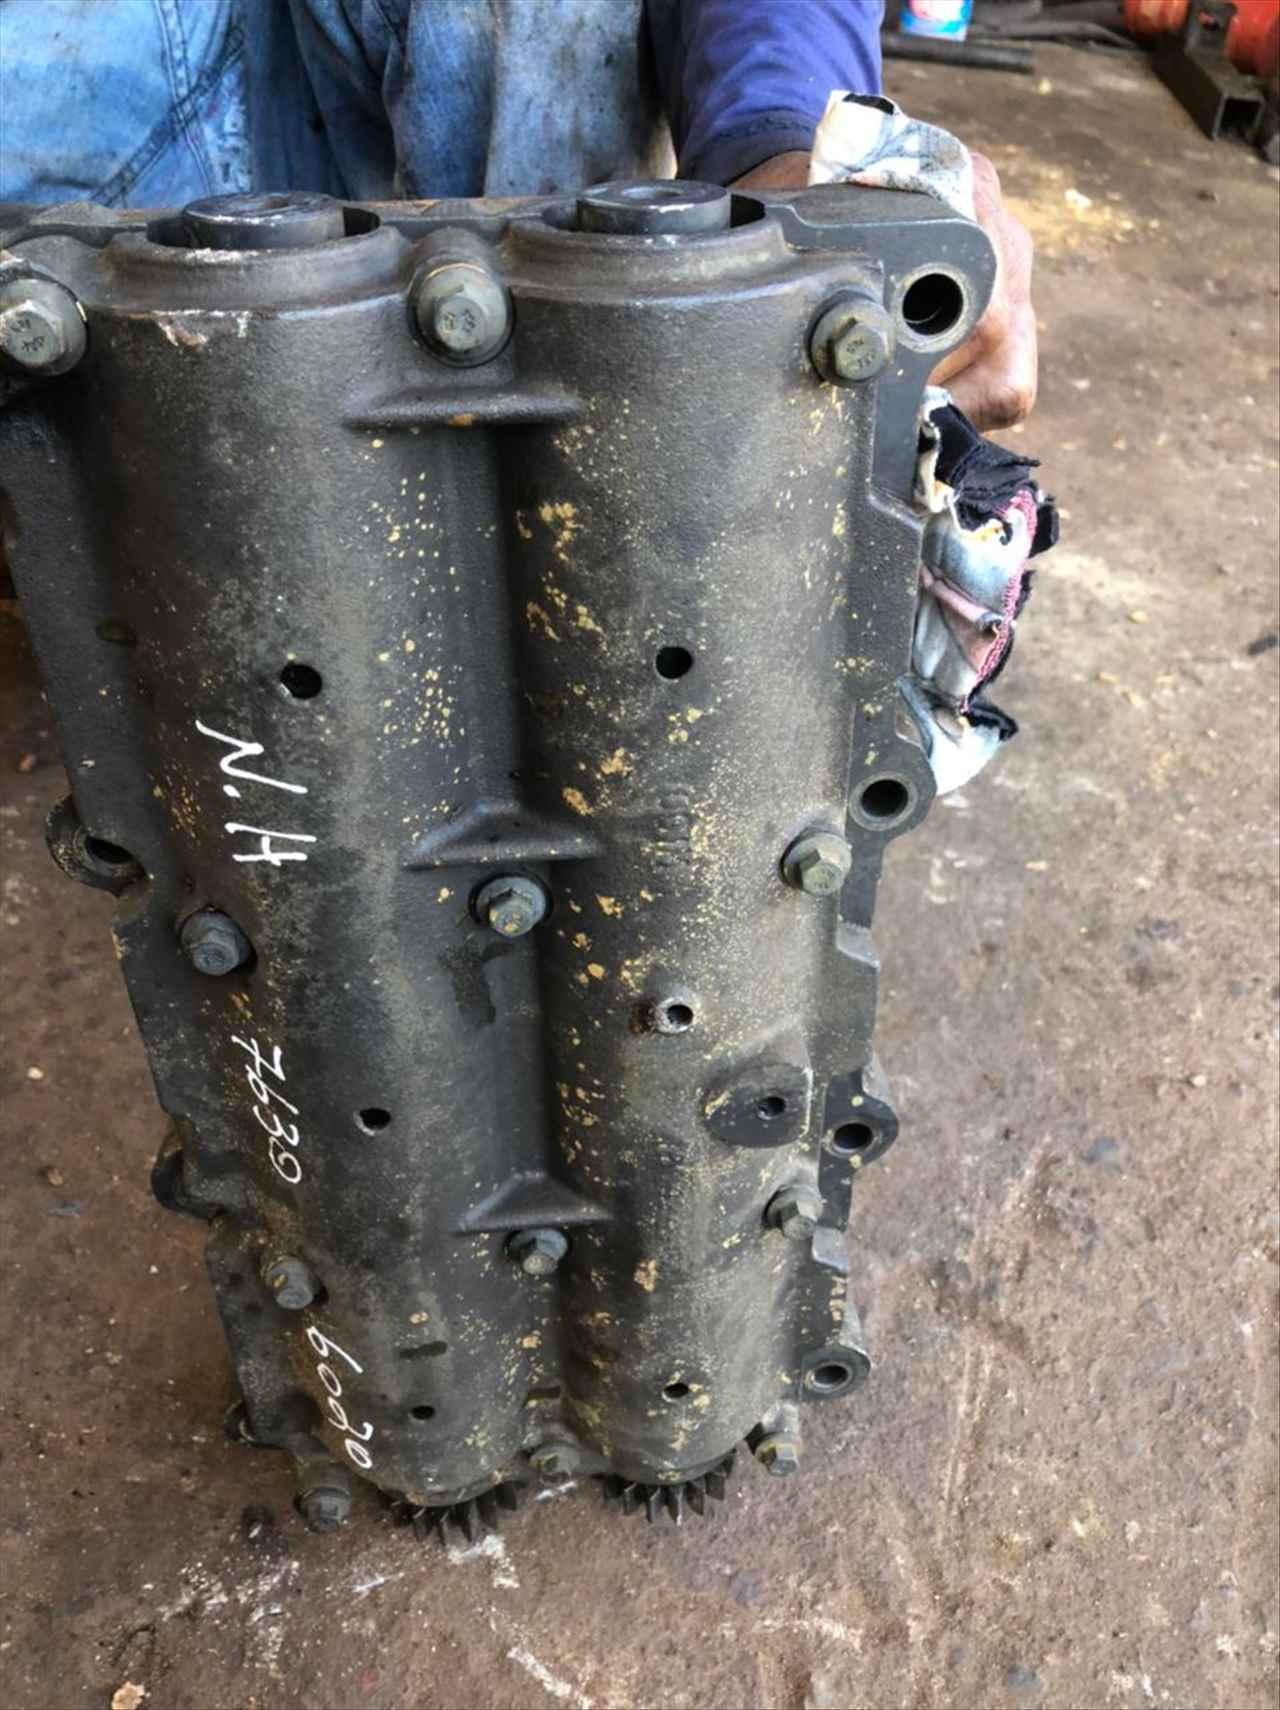 itaituba%2fpa%2fbalancinho-motor-new-holland-7630%2f6020%2f0%2fpecas%2farinos-pecas-agricolas%2f12273